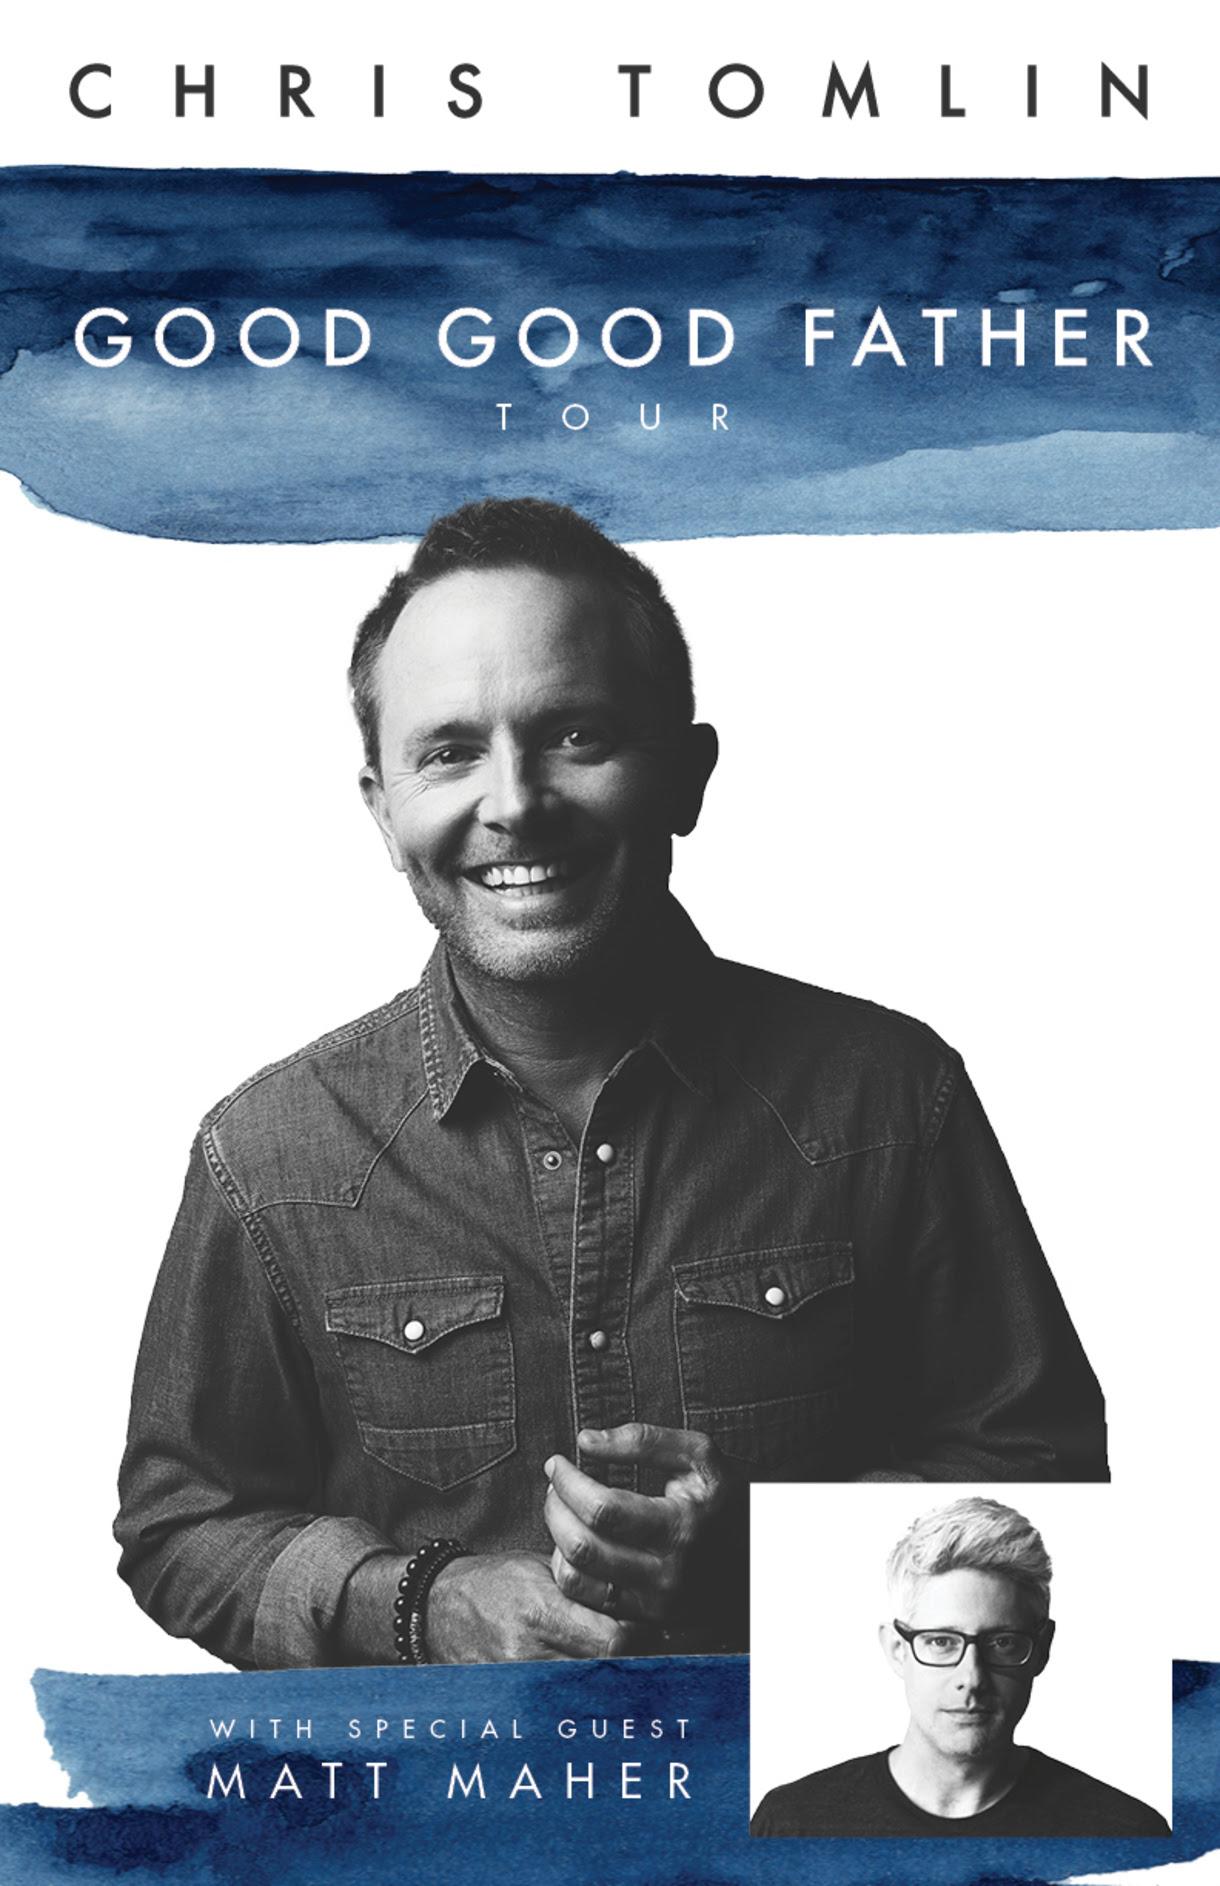 Chris Tomlin The Good Good Father Tour October